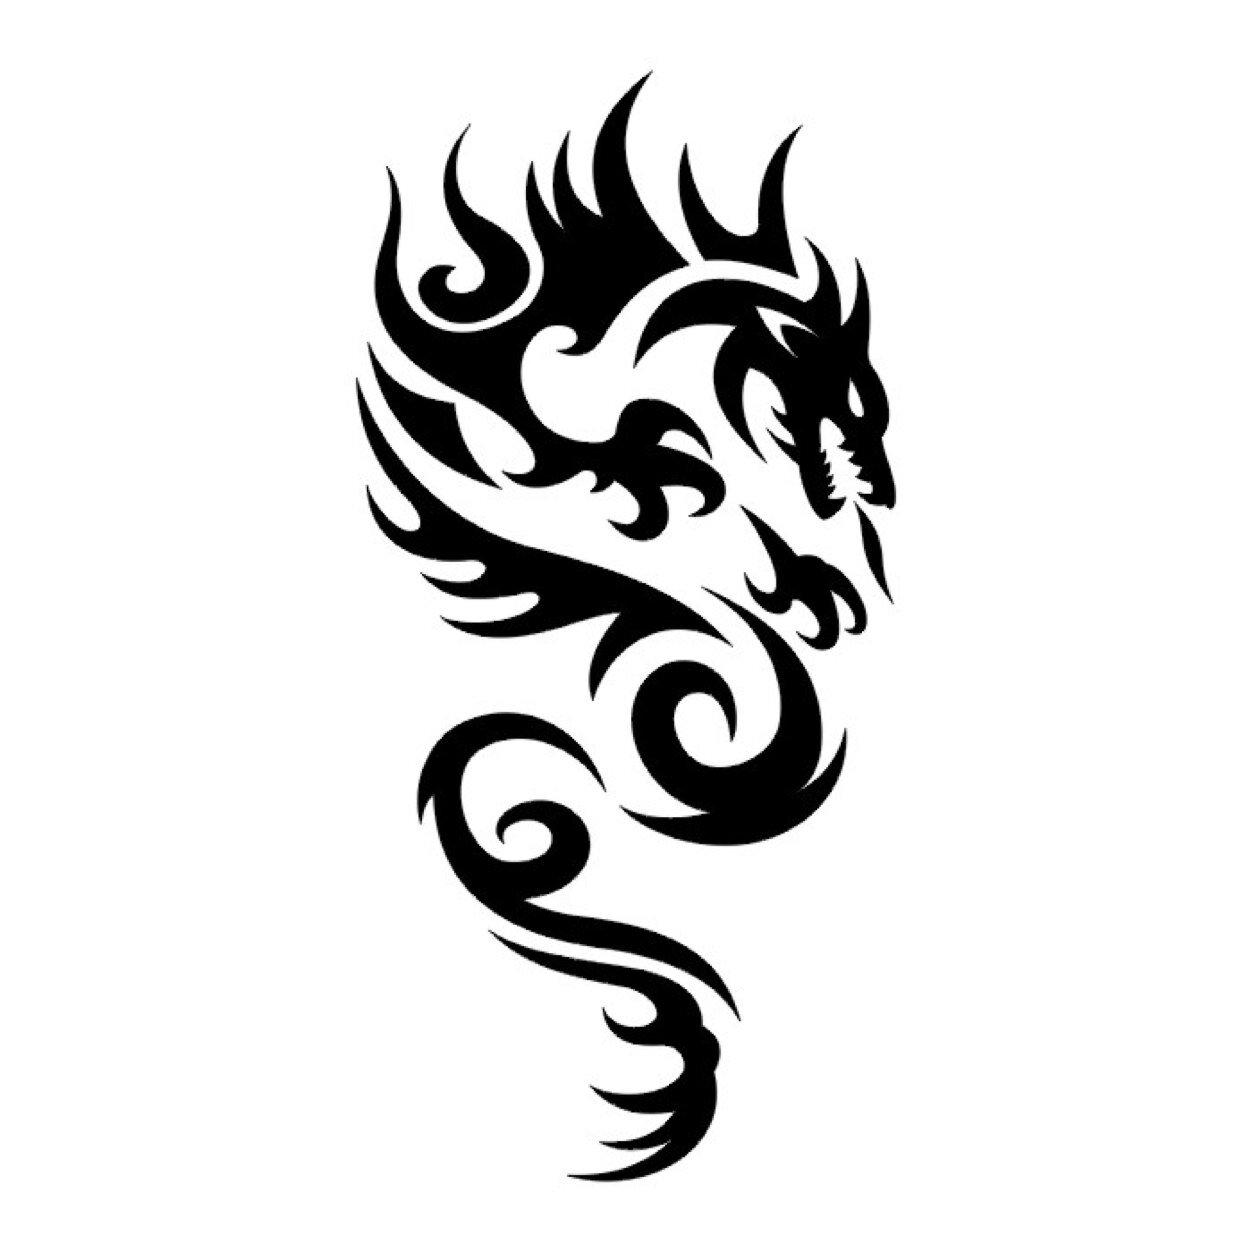 80 Tribal Dragon Tattoo Designs Ideas